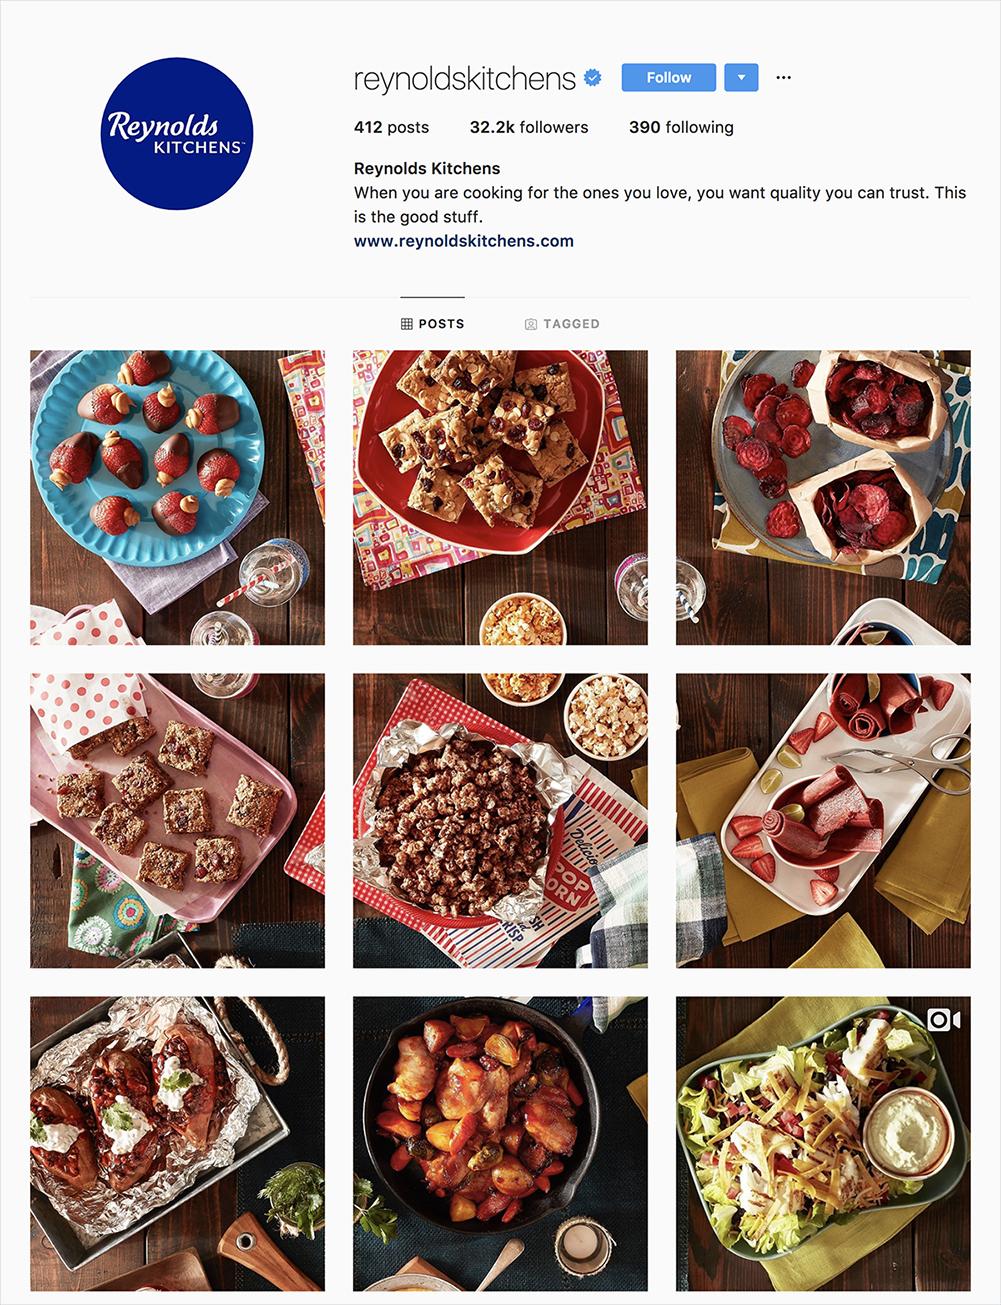 reynolds kitchen instagram feed showcasing a spread of food